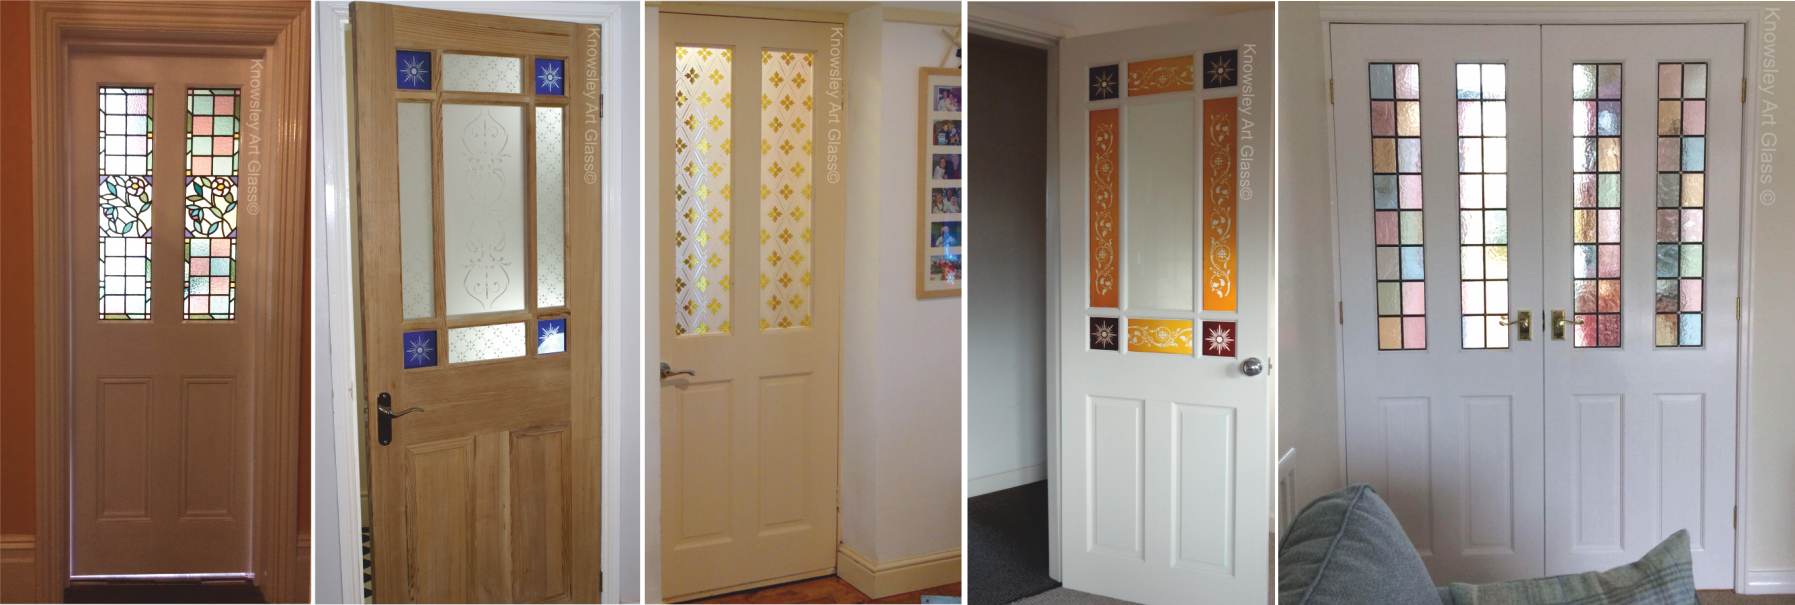 LPD Doors & Internal Doors